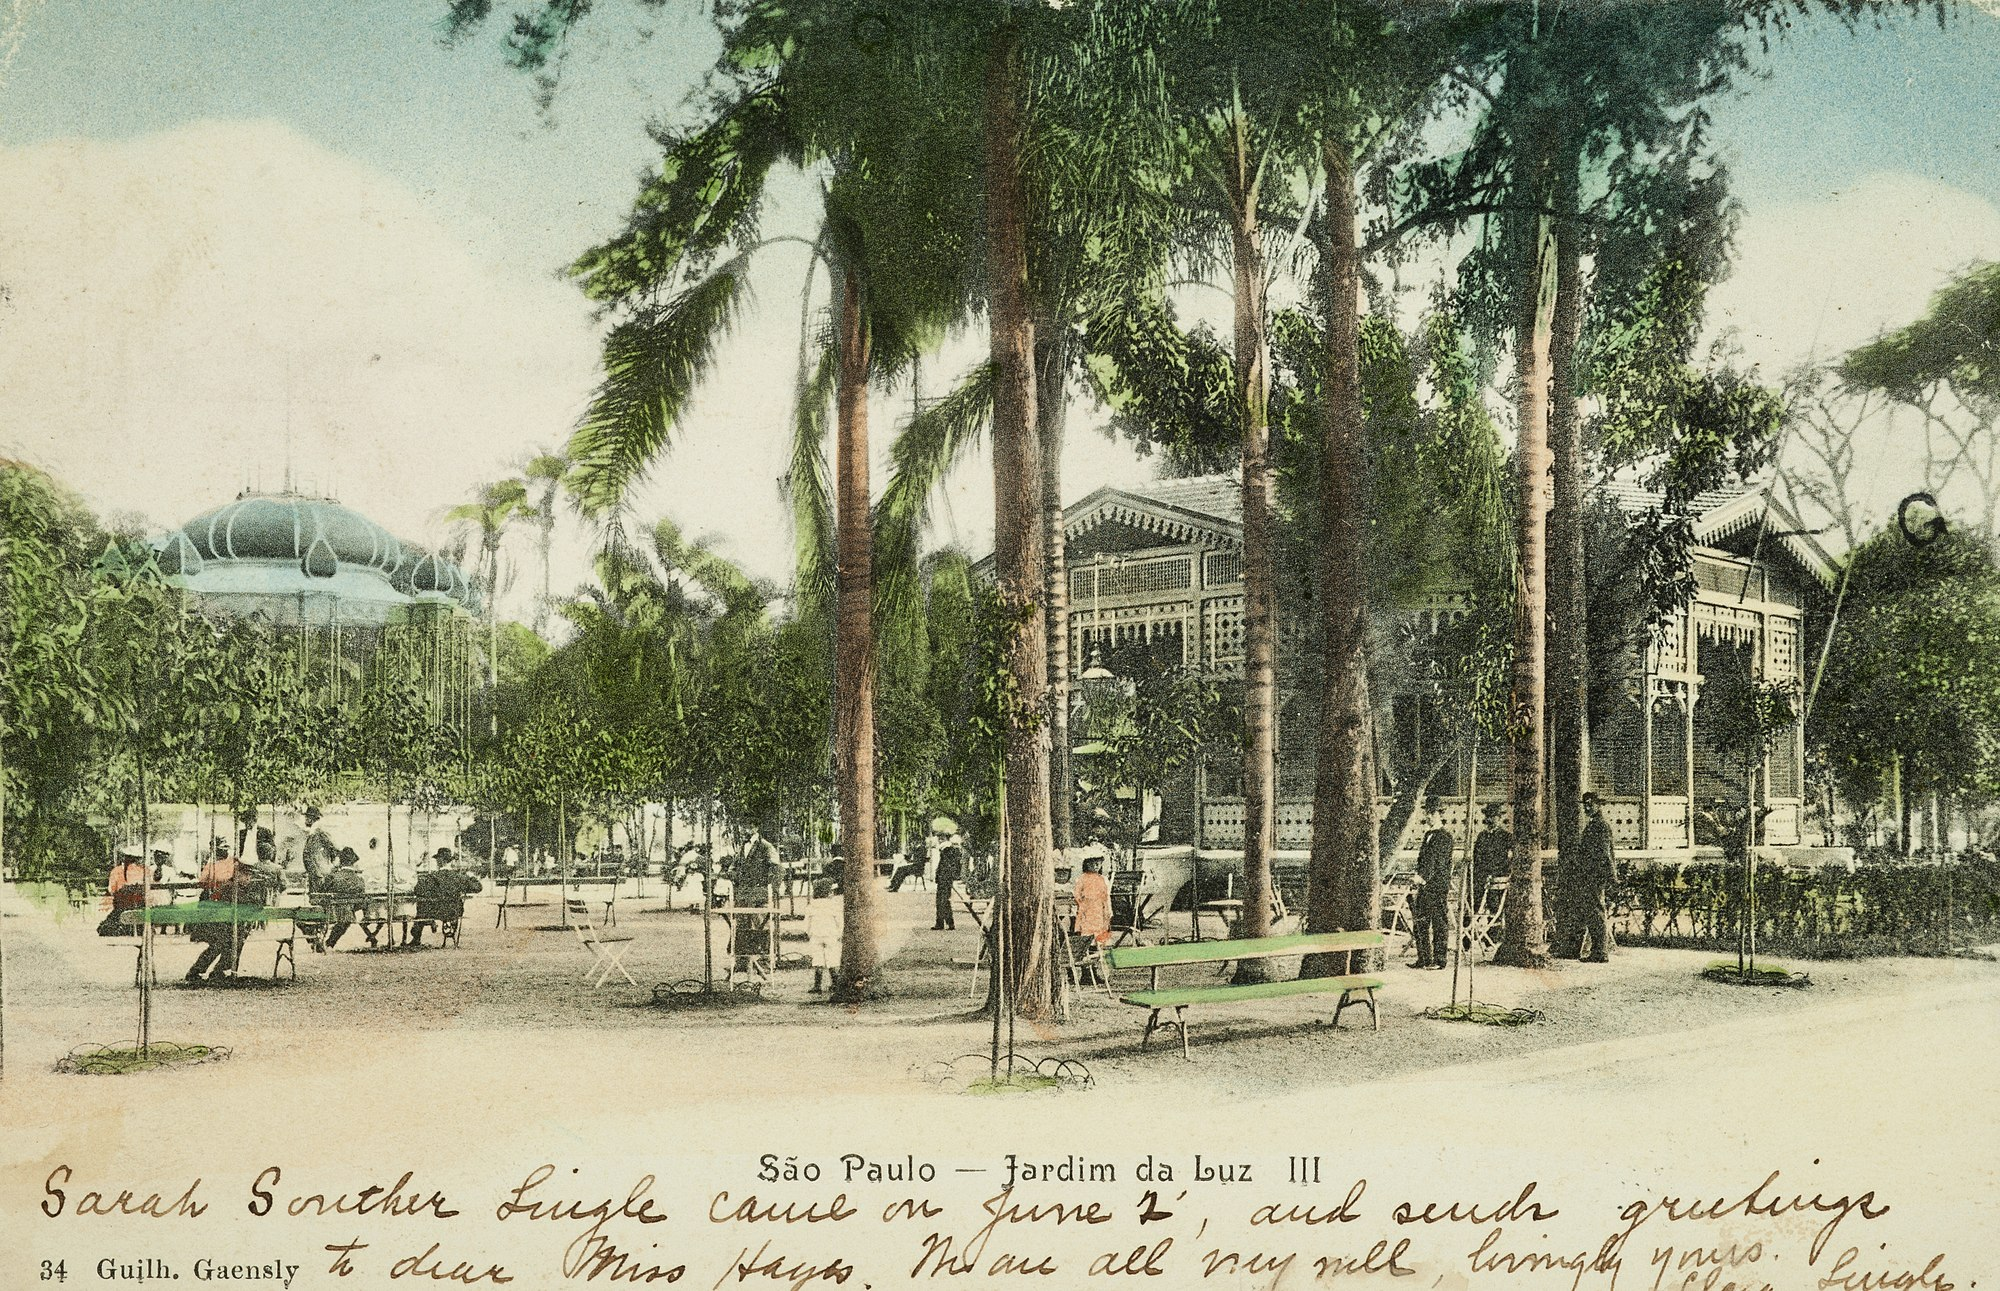 São Paulo - Jardim da Luz III